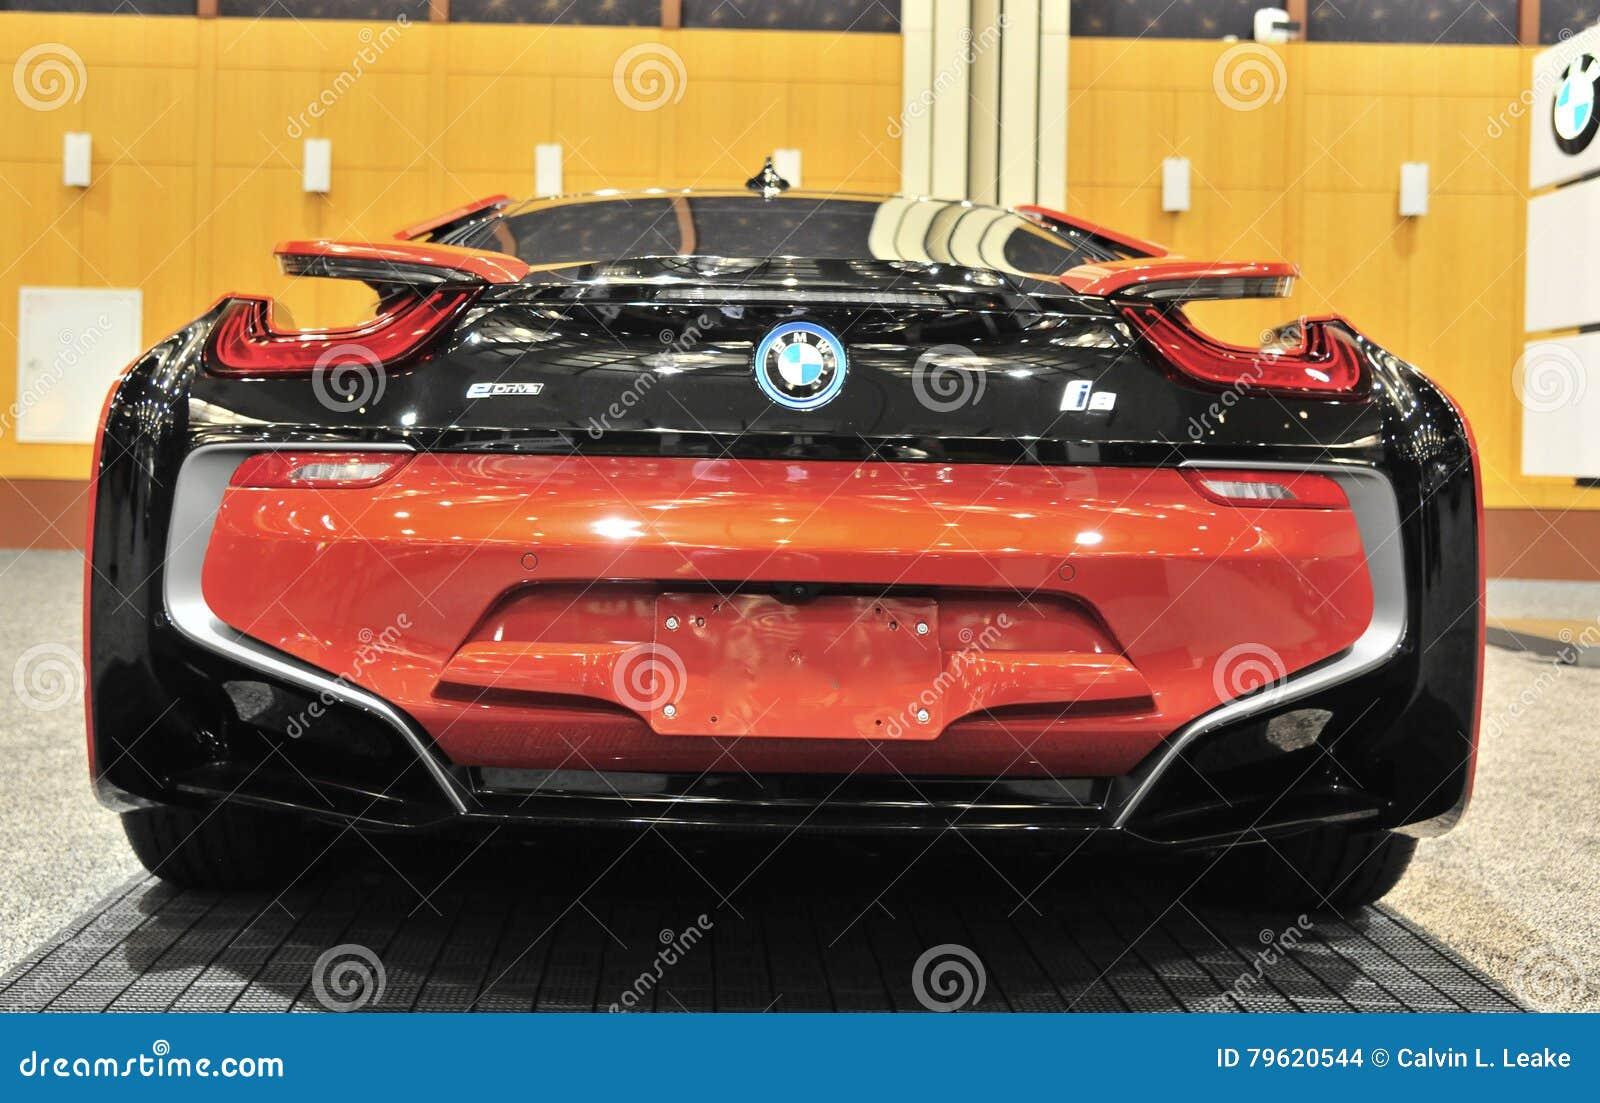 Opiniao Traseira De Carro De Esportes De Bmw I8 Imagem De Stock